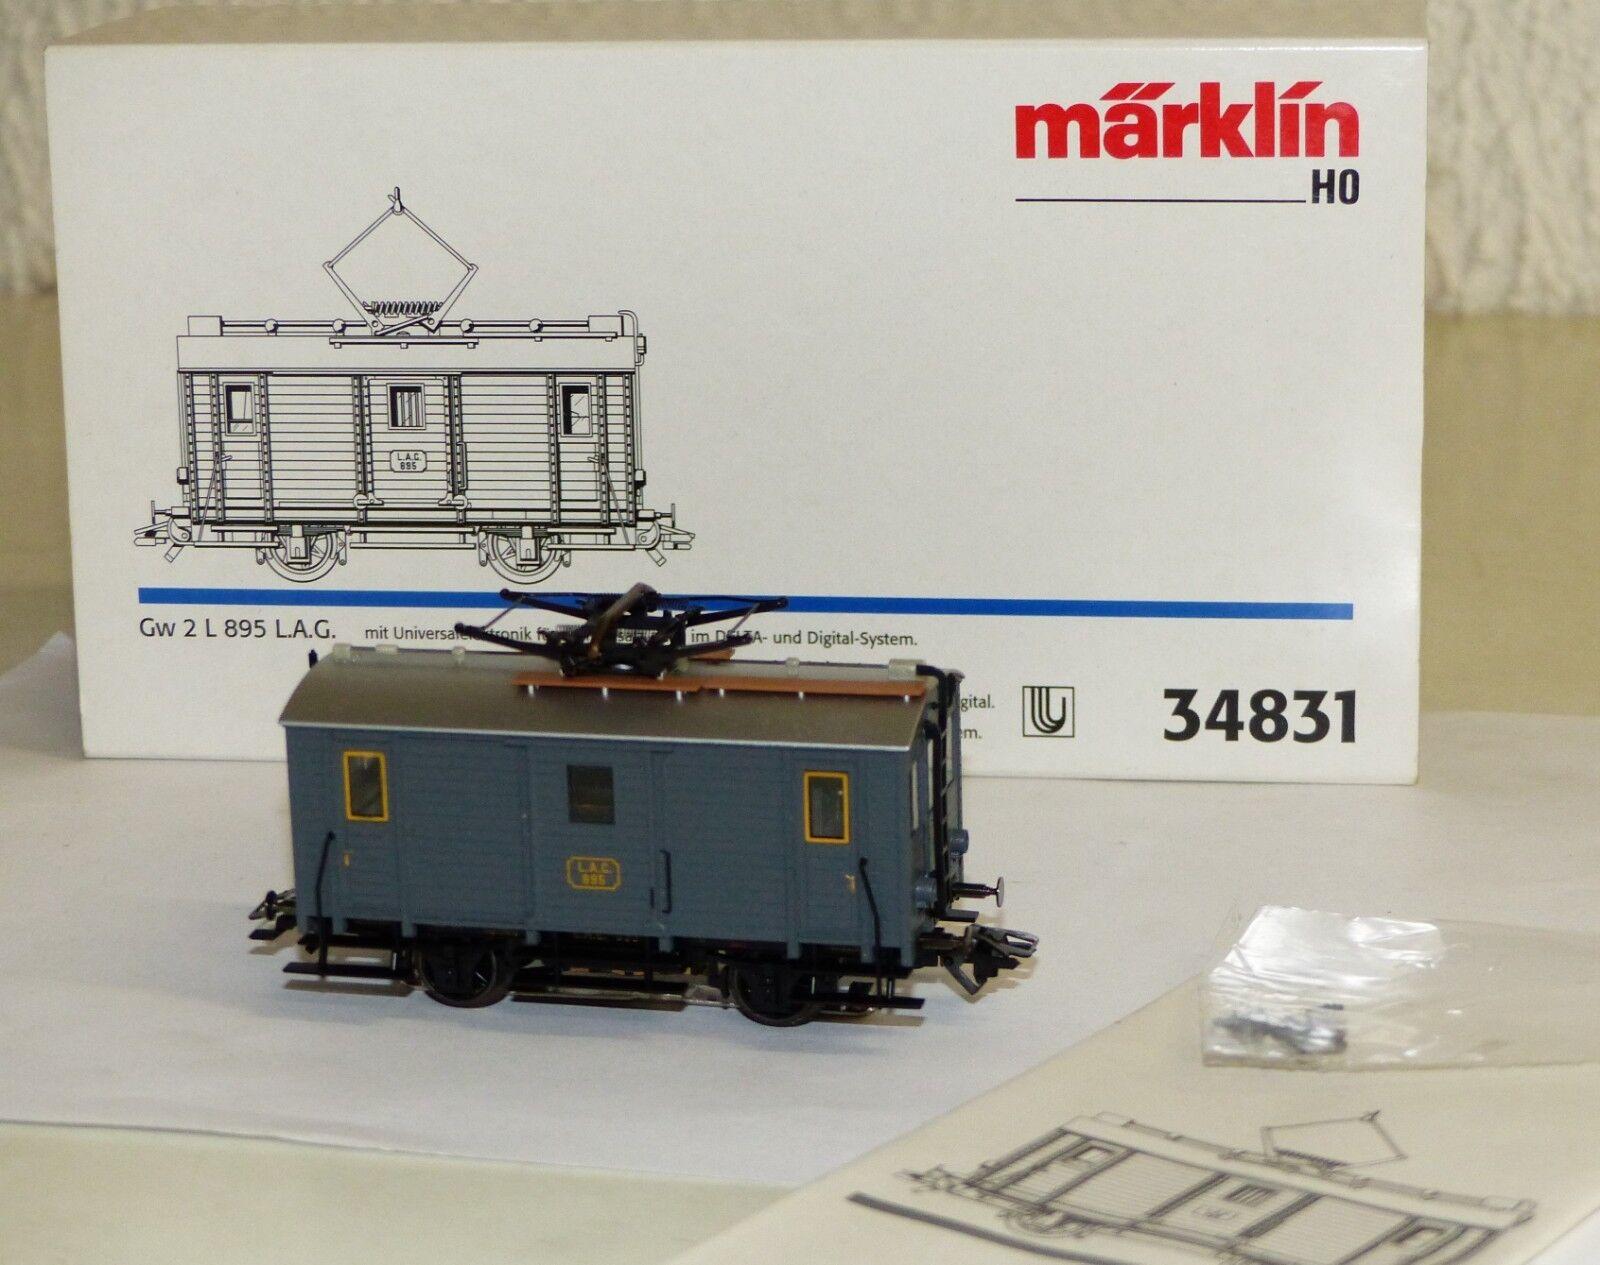 34831 ELETTR. trasporto merci Carro trainante DELTA Digital 895 L.A.G. h0 1:87 Ovp Top